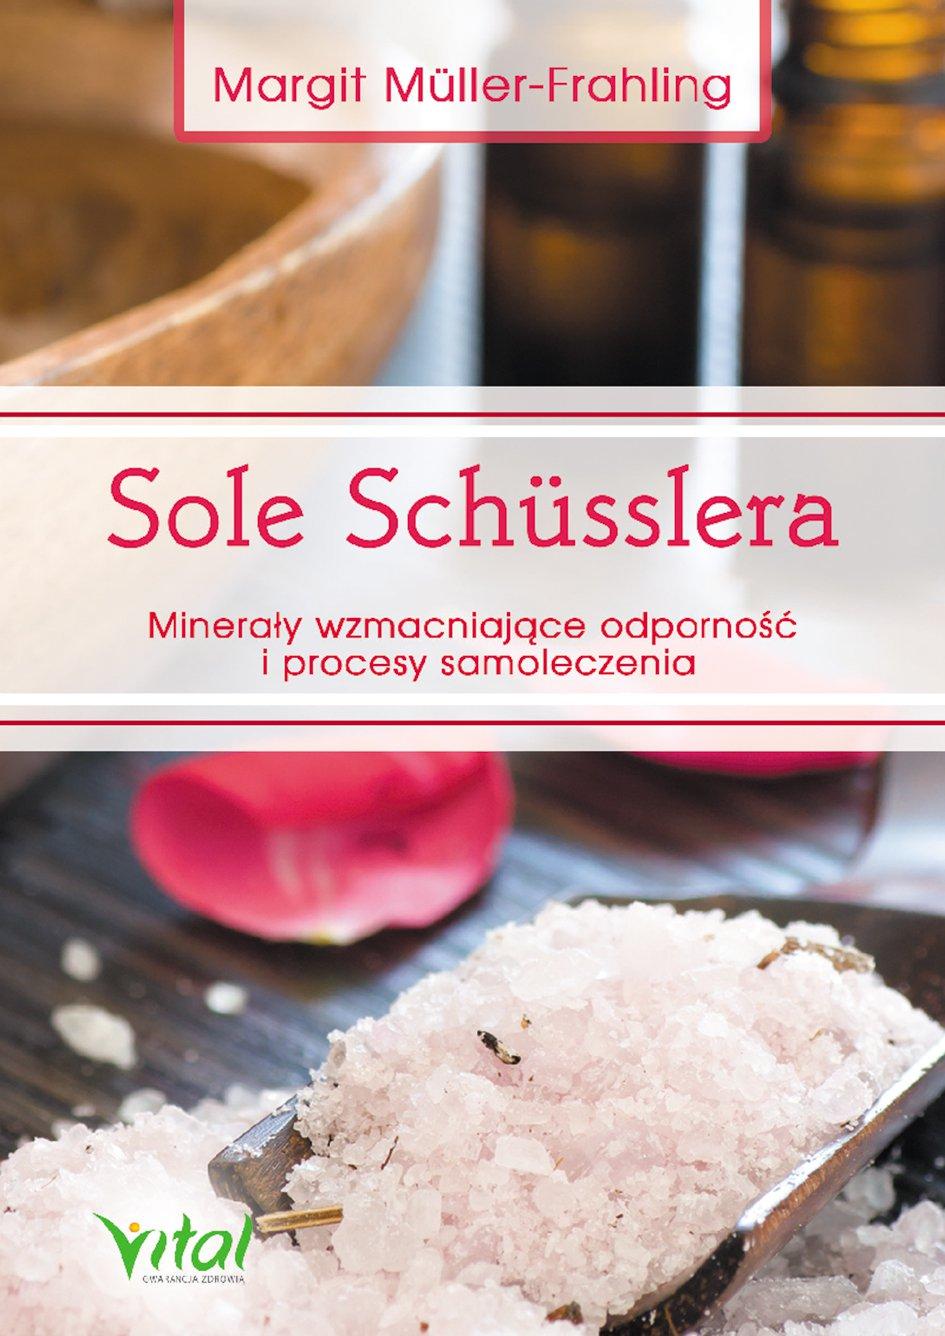 Sole Schusslera. Minerały wzmacniające odporność - Ebook (Książka EPUB) do pobrania w formacie EPUB